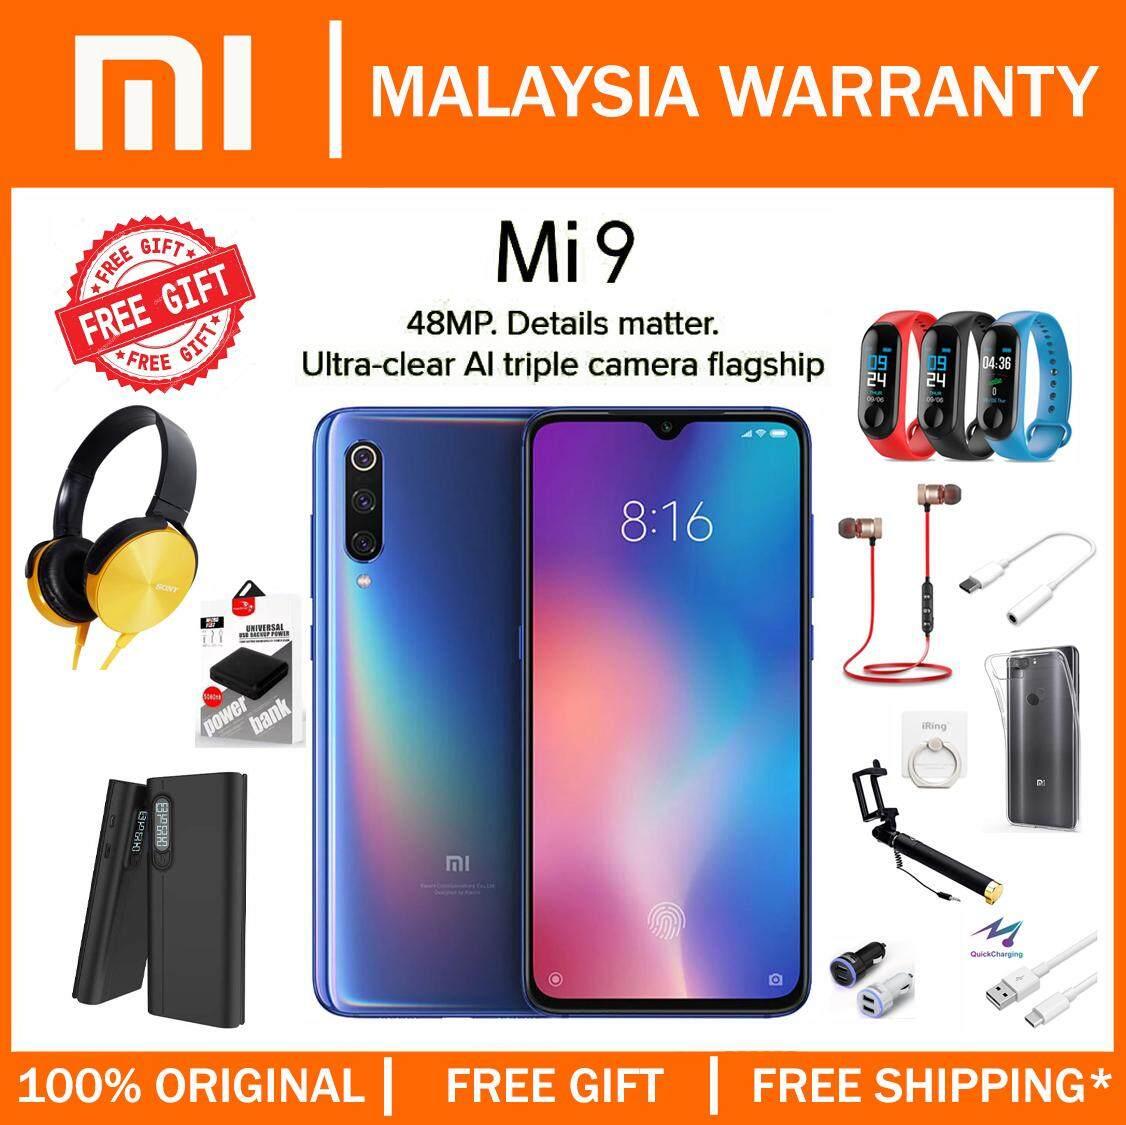 [MY SET] Xiaomi Mi 9 (6GB+128GB) Smartphone Original Malaysia Warranty